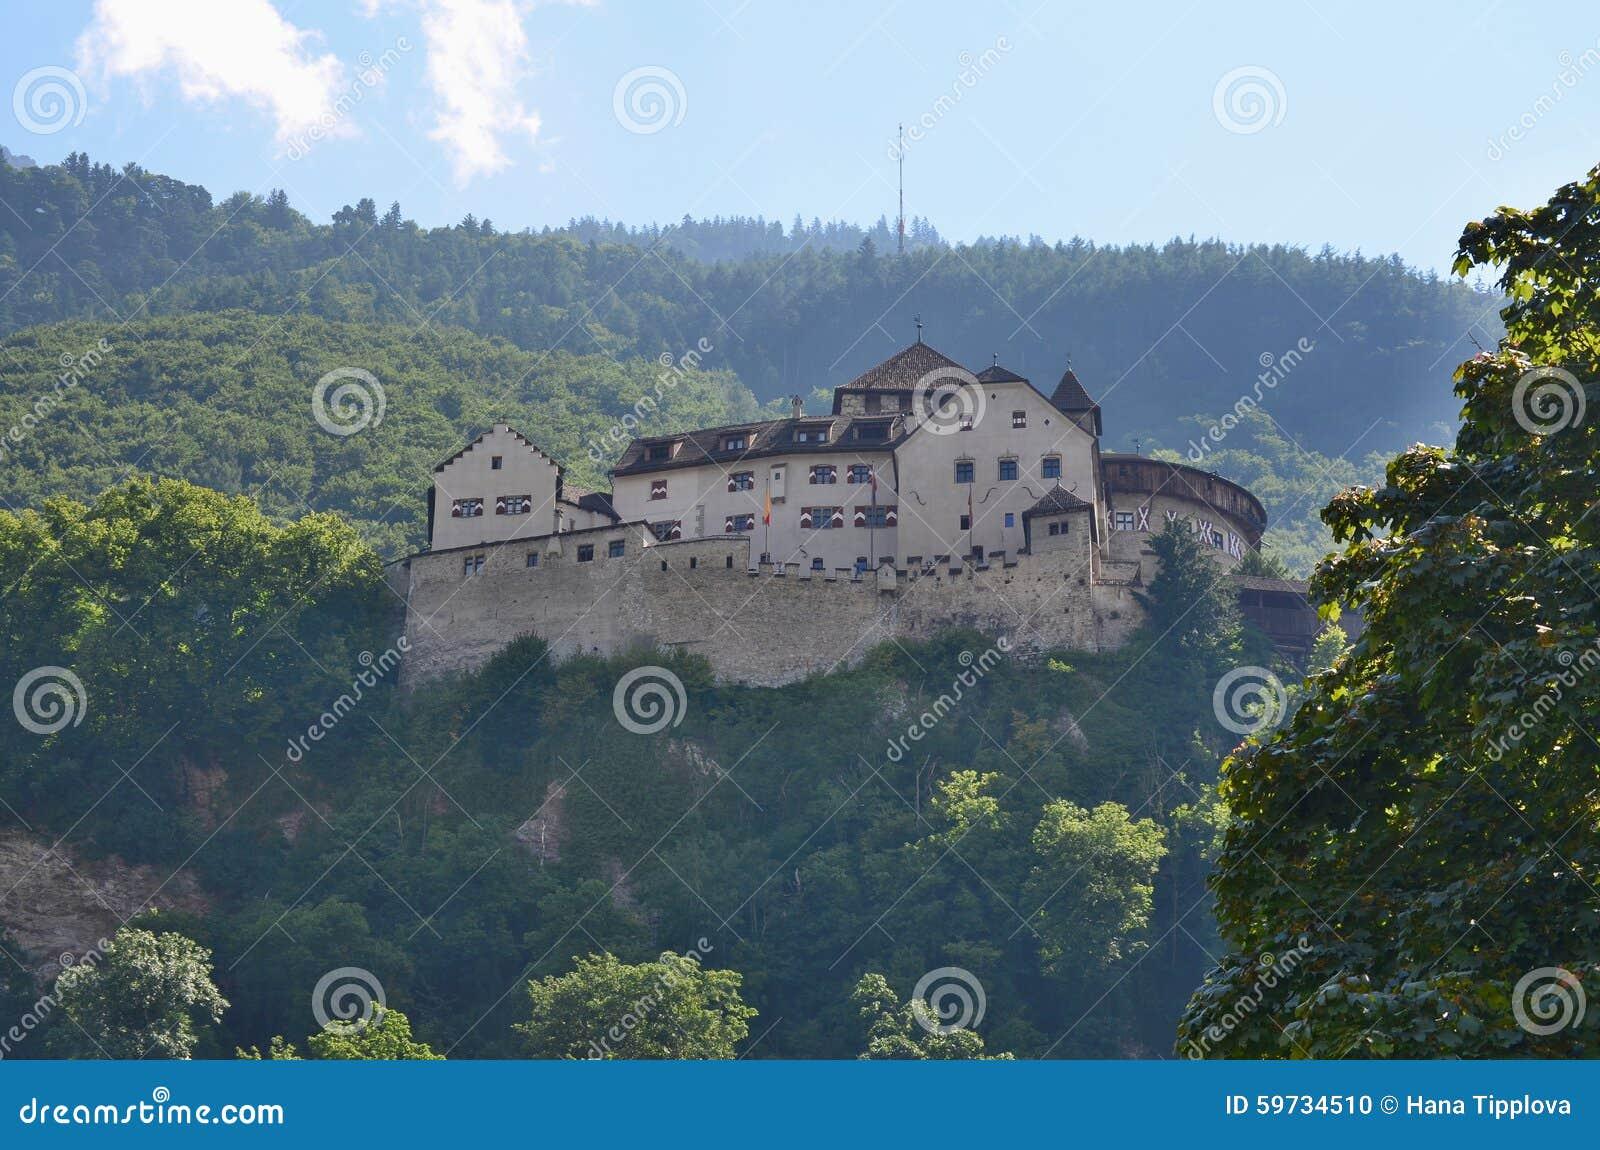 Castle (Castle) Vaduz, formerly also called Hohenliechtenstein